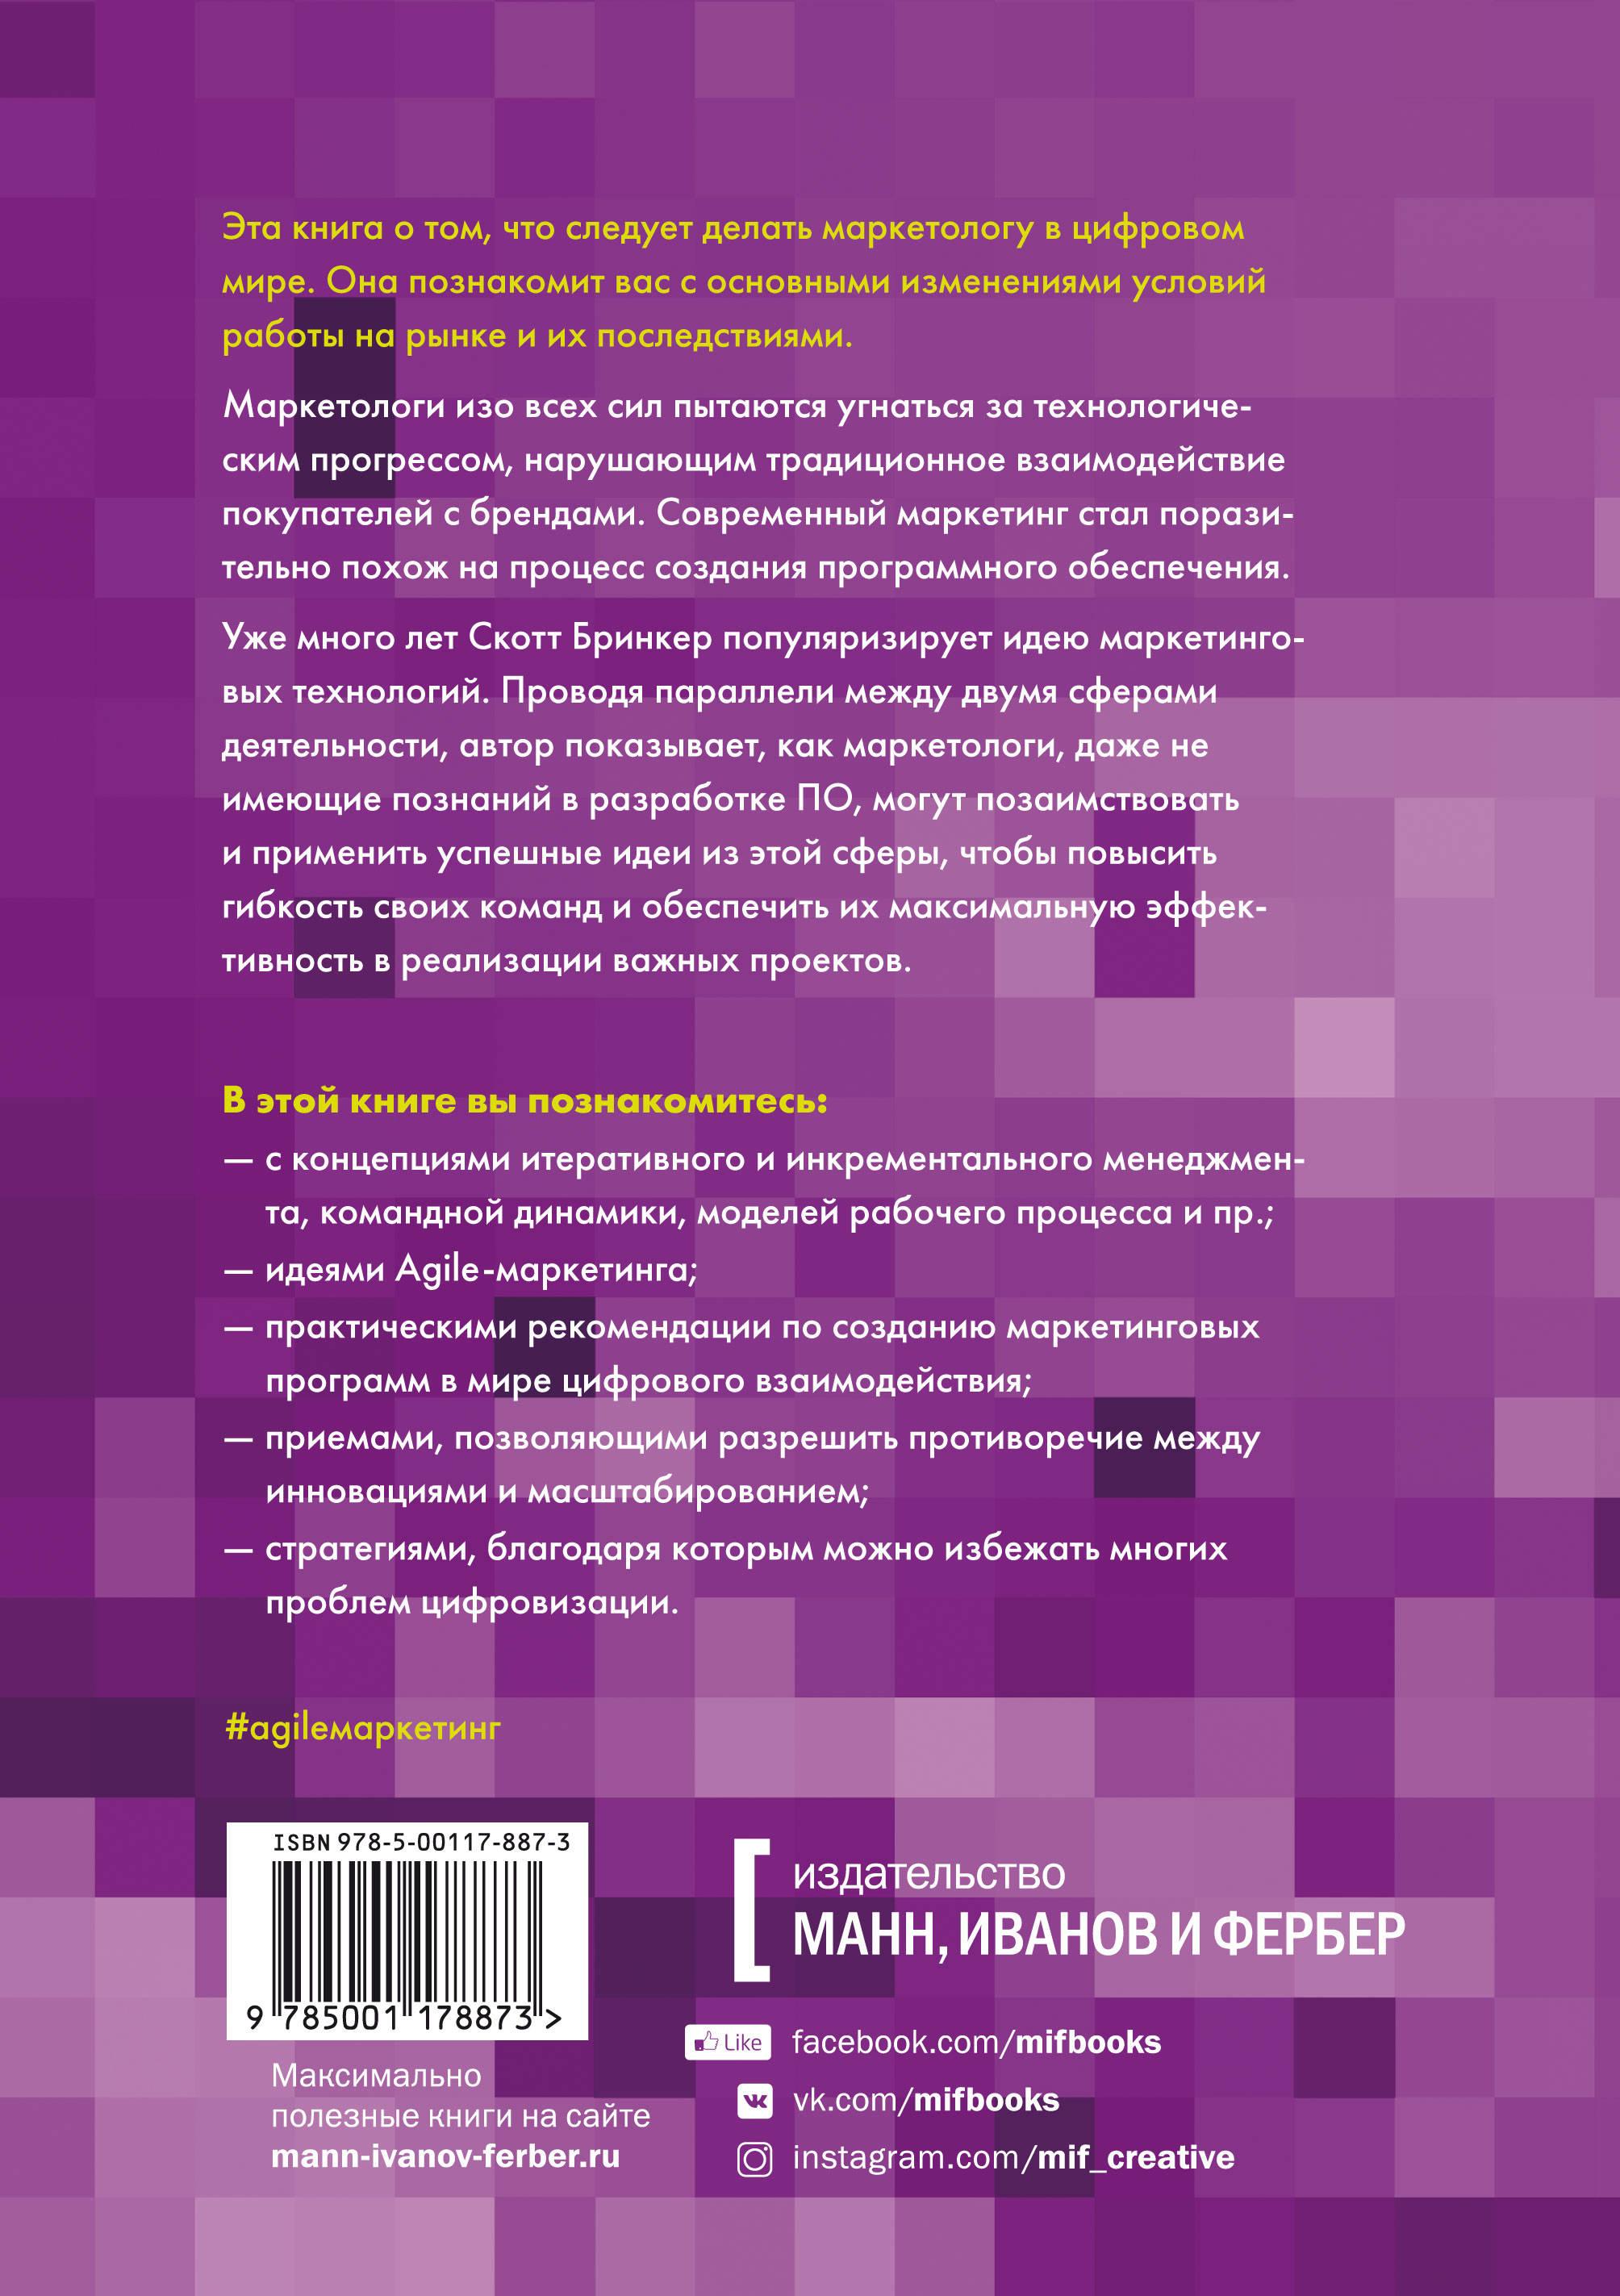 Книга Agile-маркетинг. Хакерские практики для эффективного бизнеса. Скотт Бринкер